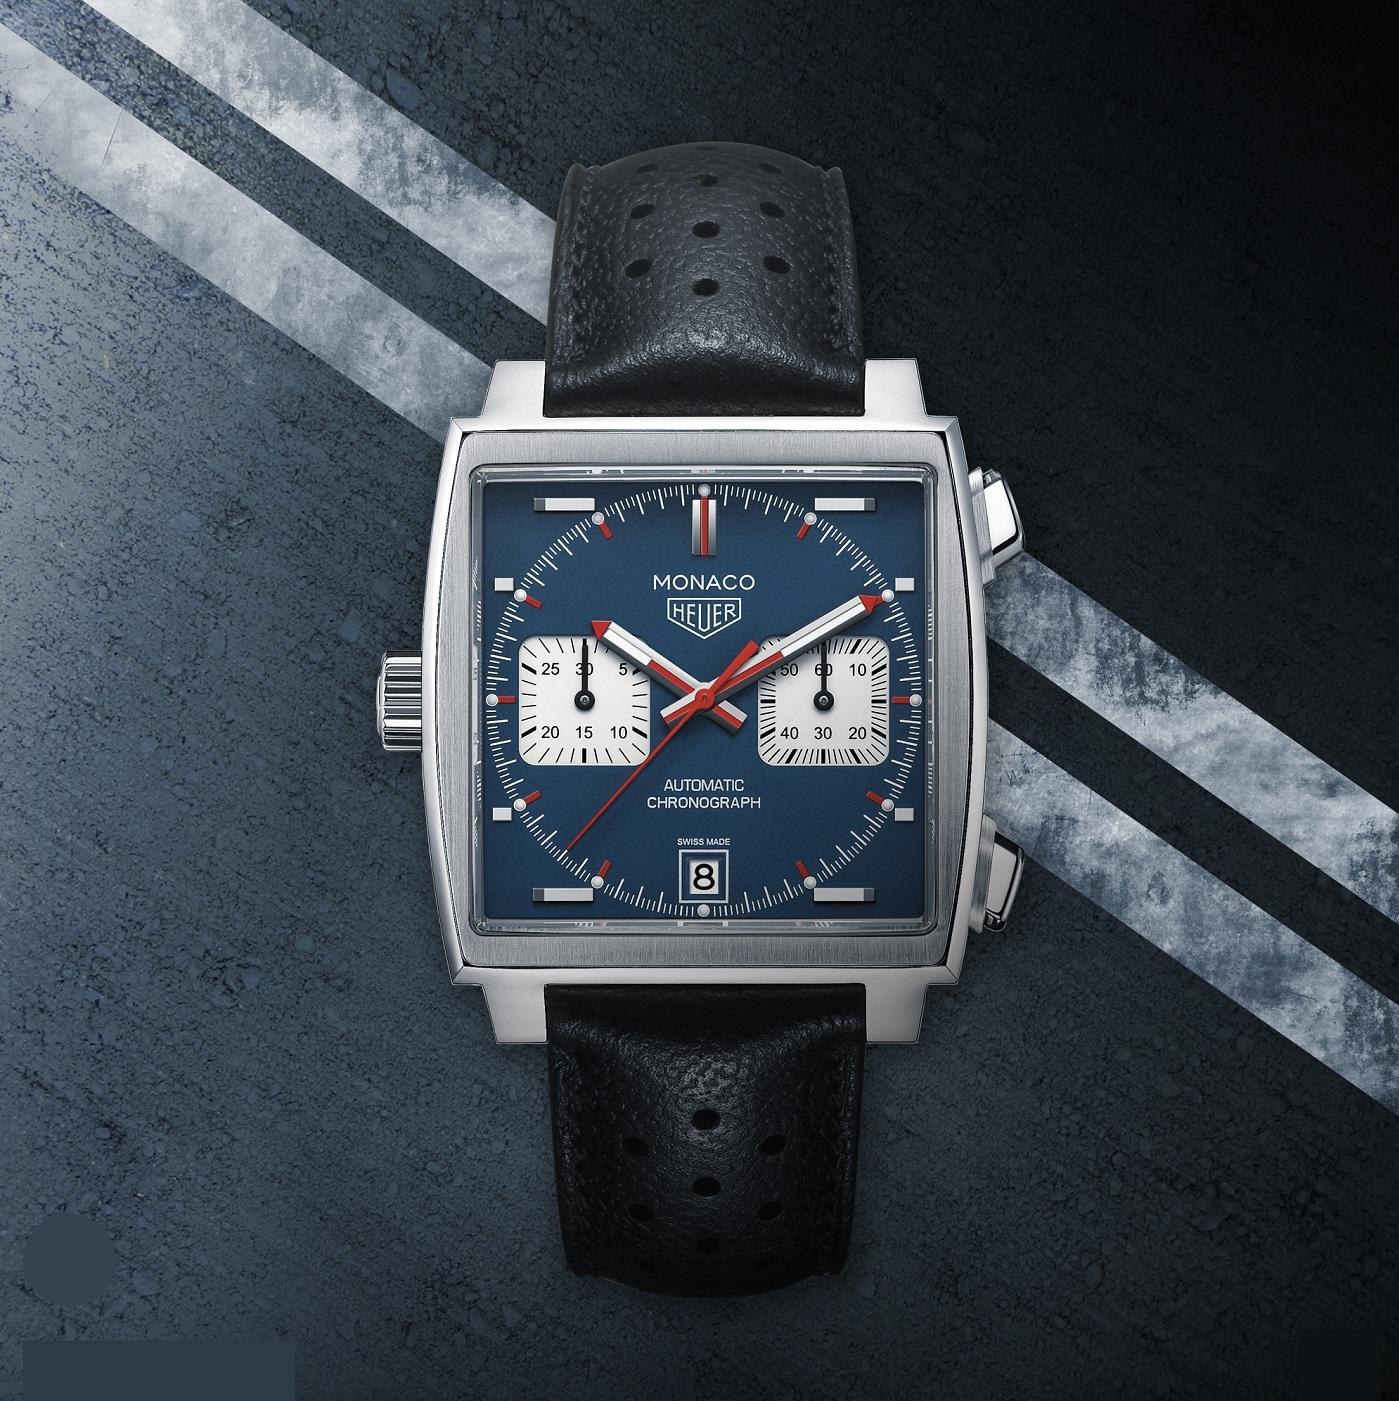 080217-top-10-motorsports-watches-heuer-monaco-ig-1